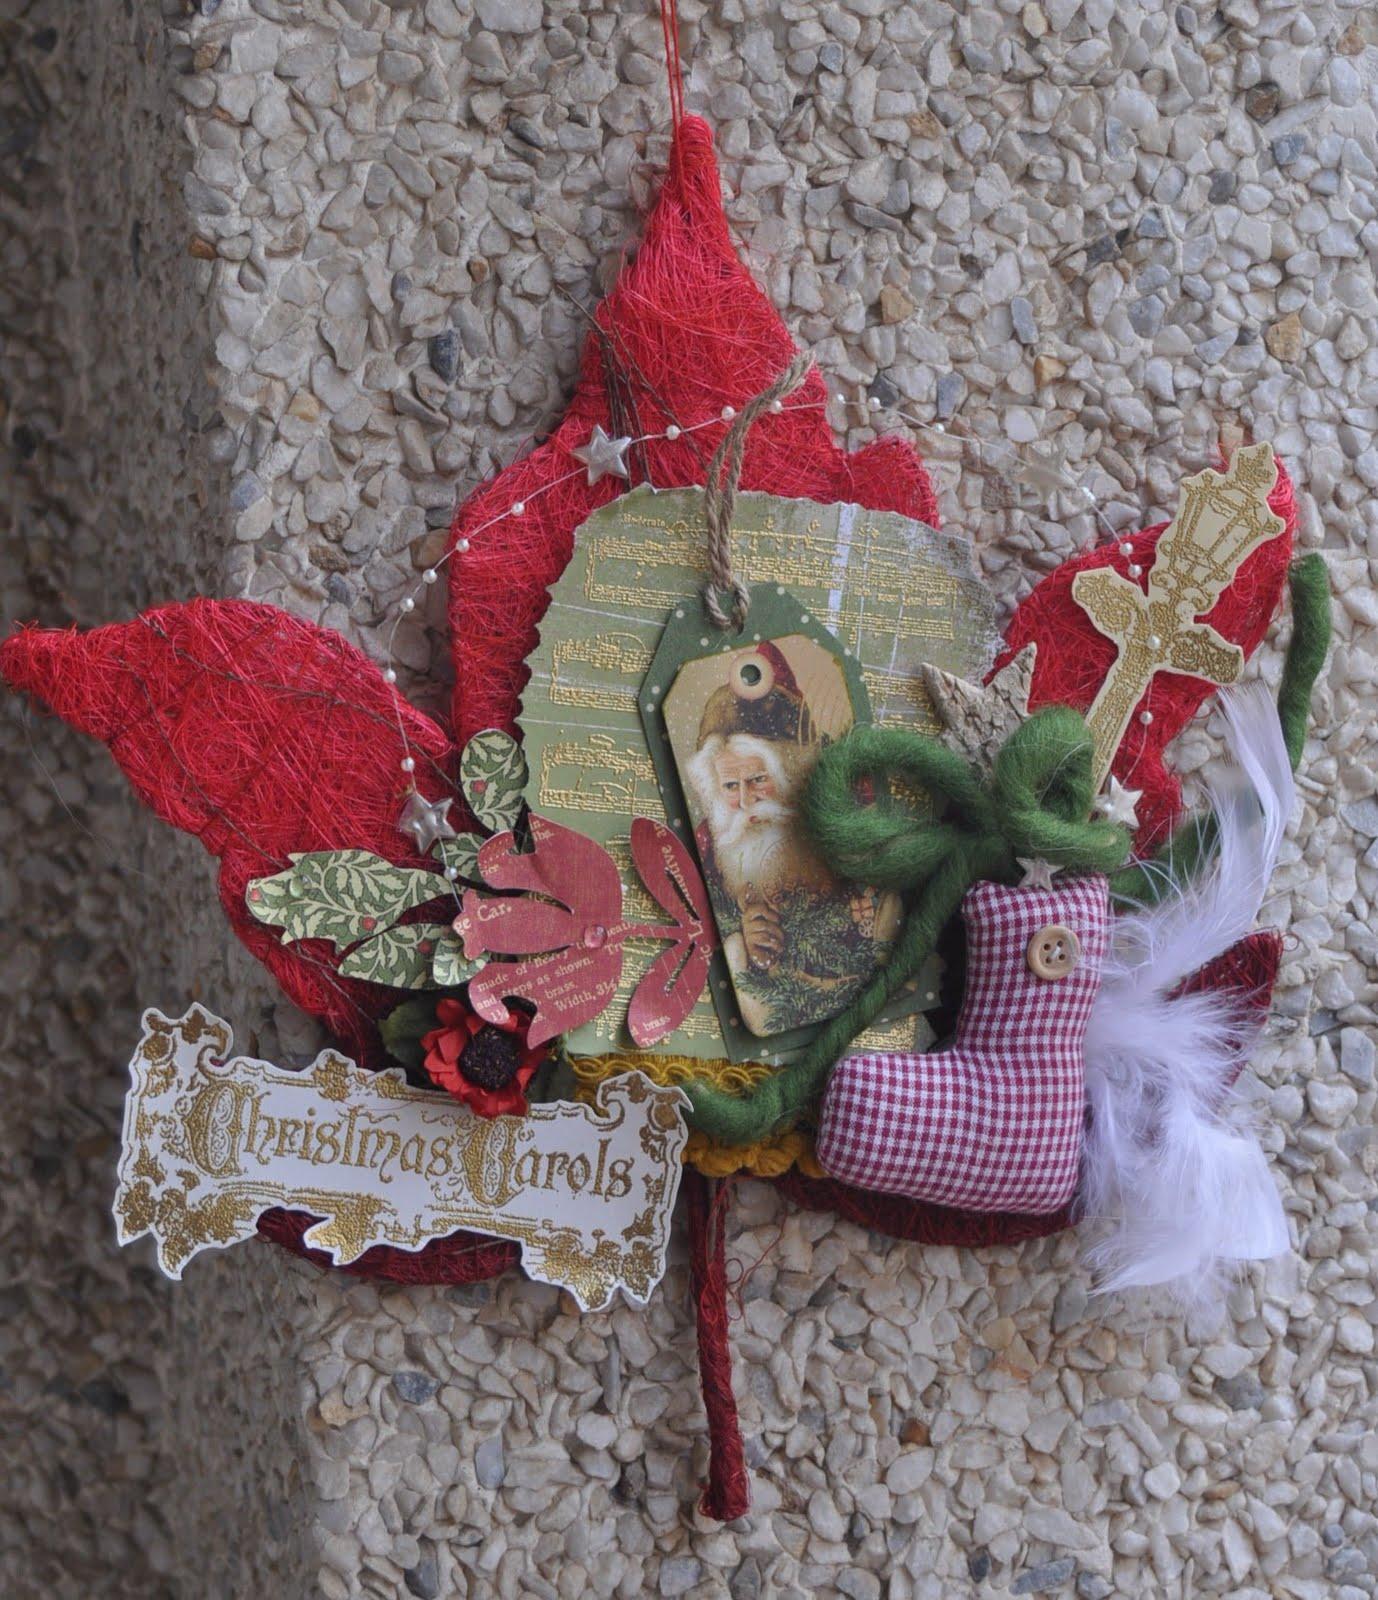 Mis momentos en papel coronas de navidad hechas a mano for Coronas de navidad hechas a mano